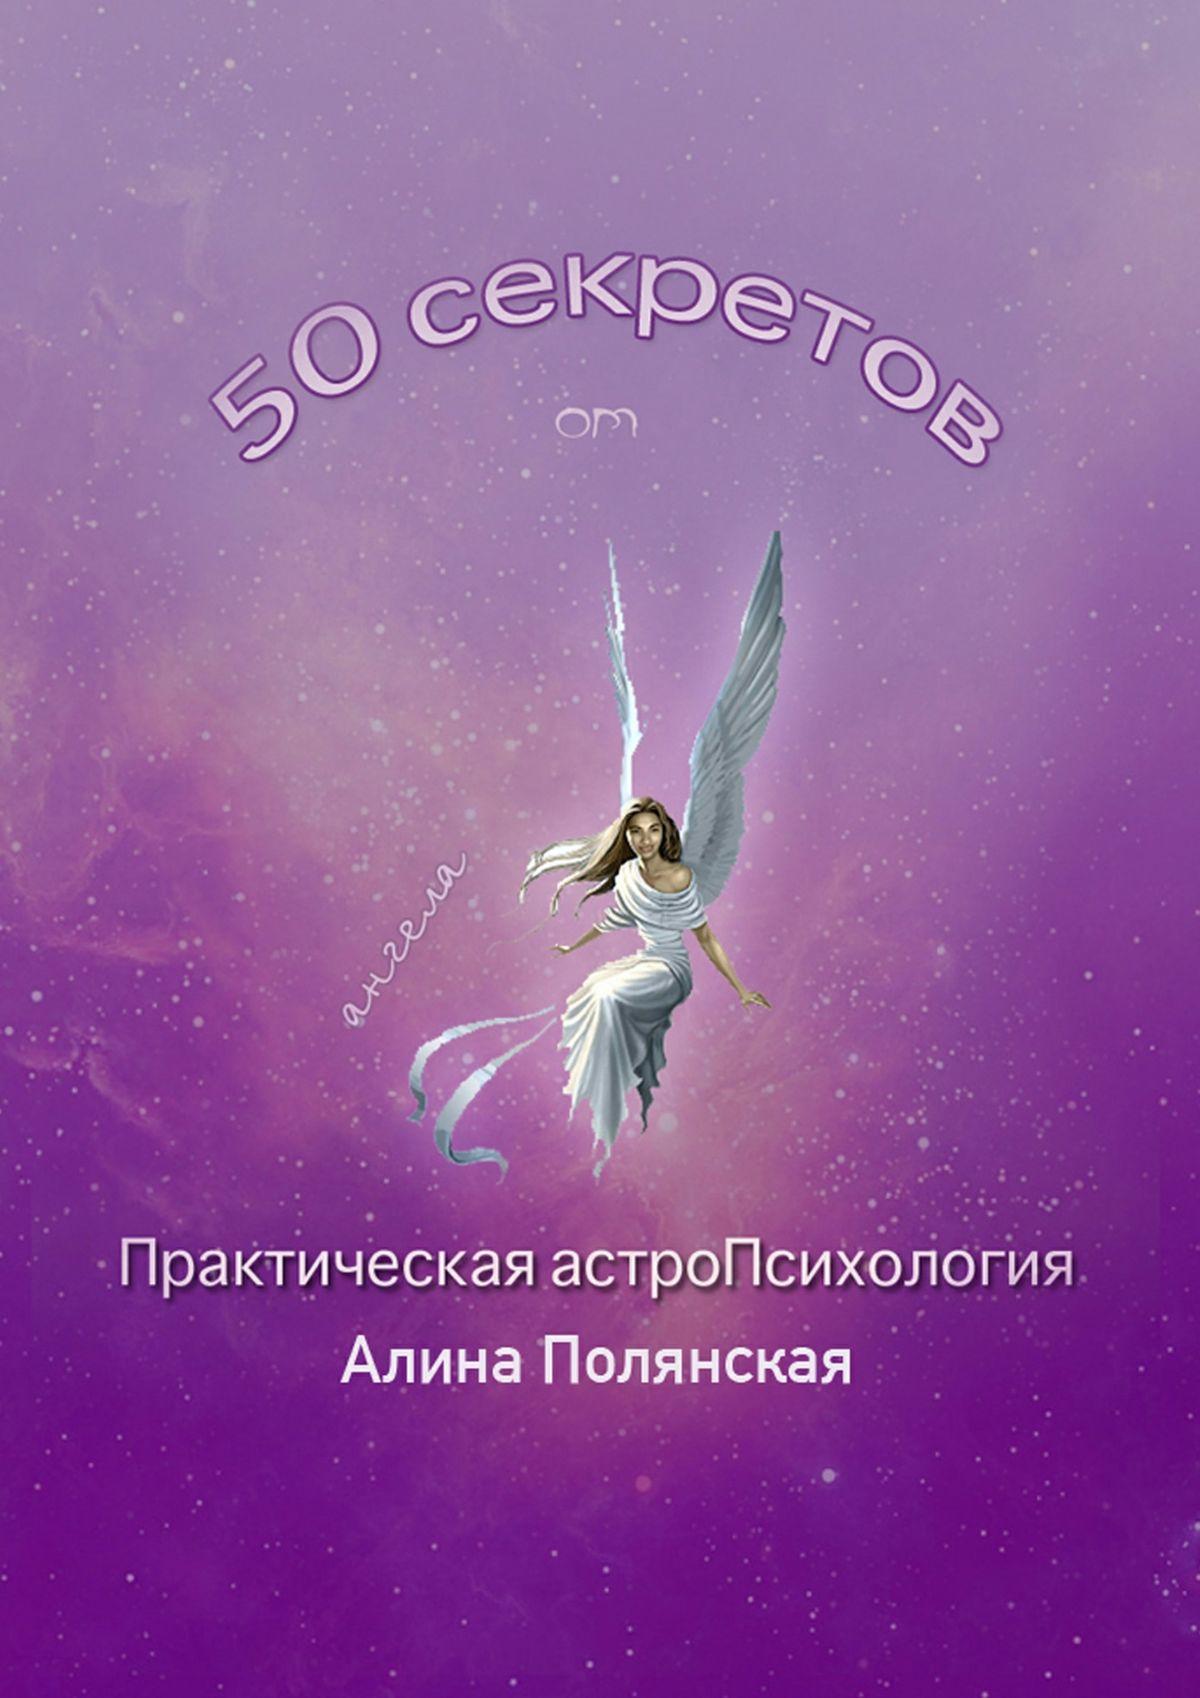 50 секретов. Практическая астроПсихология